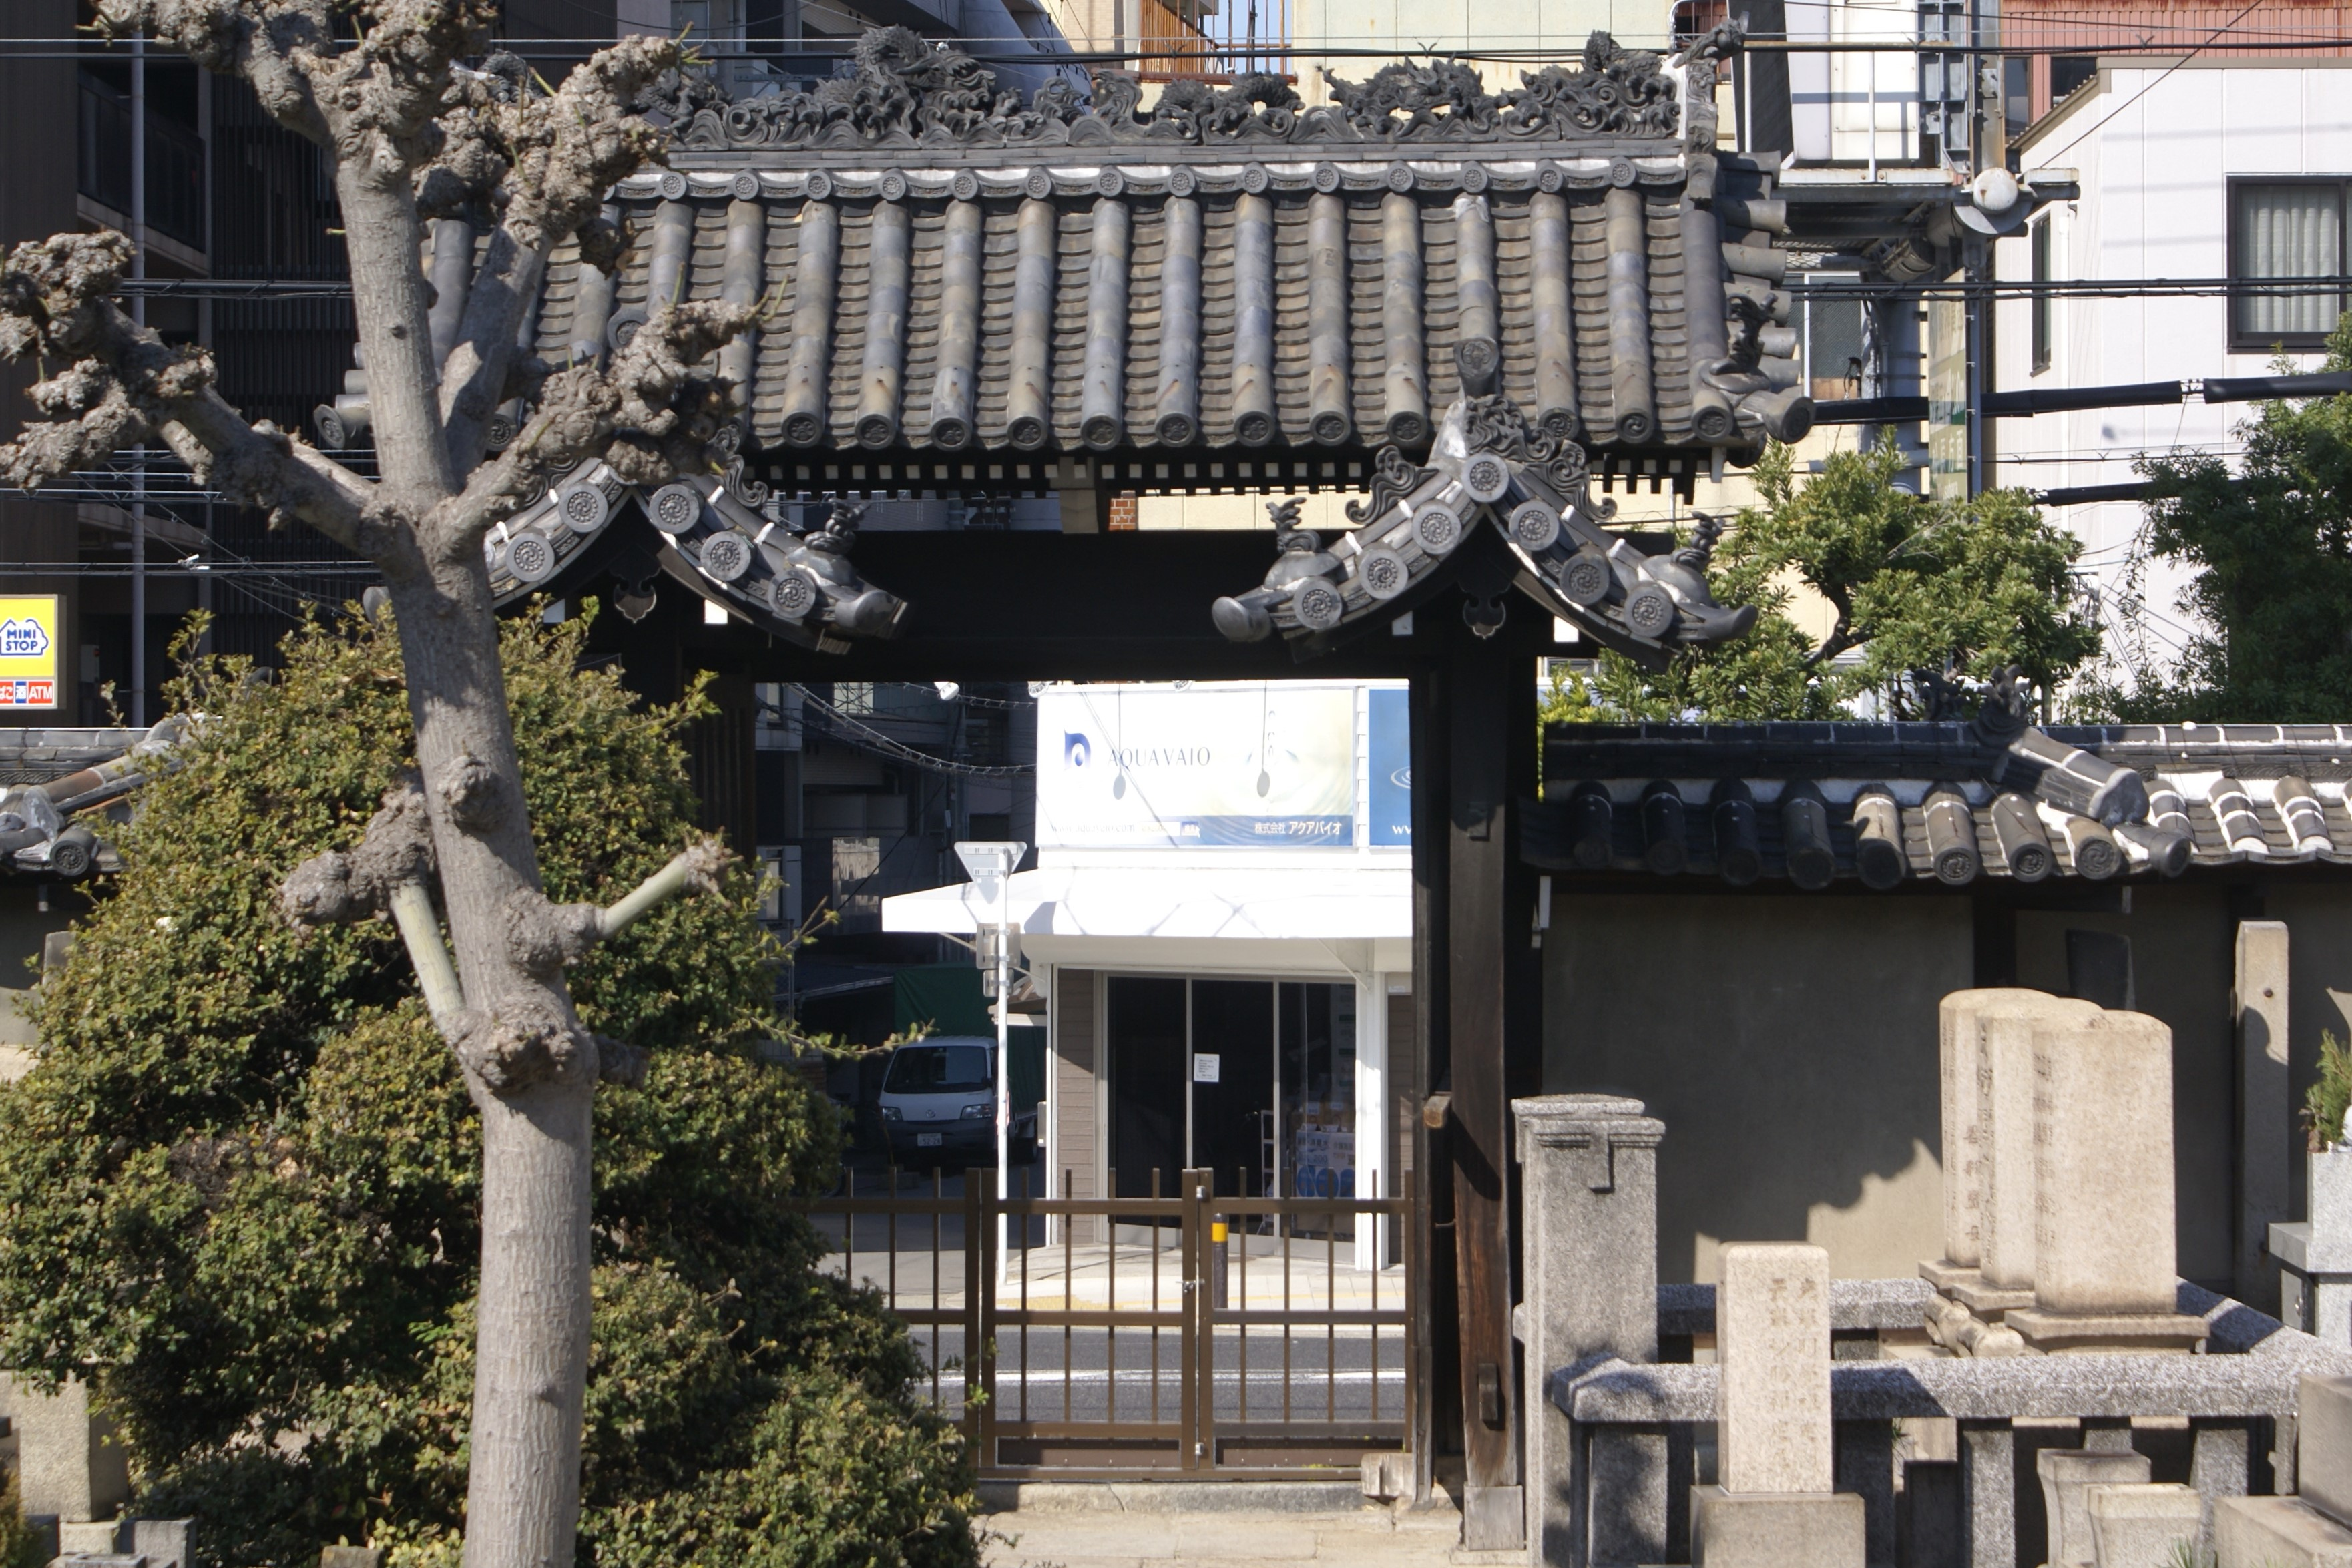 <p>境内内部から山門を見る</p>高麗門は、2本の本柱に切妻の屋根をのせ、それぞれ対となる本柱と控柱の間にも小さい切妻の屋根をのせた門である。<br />